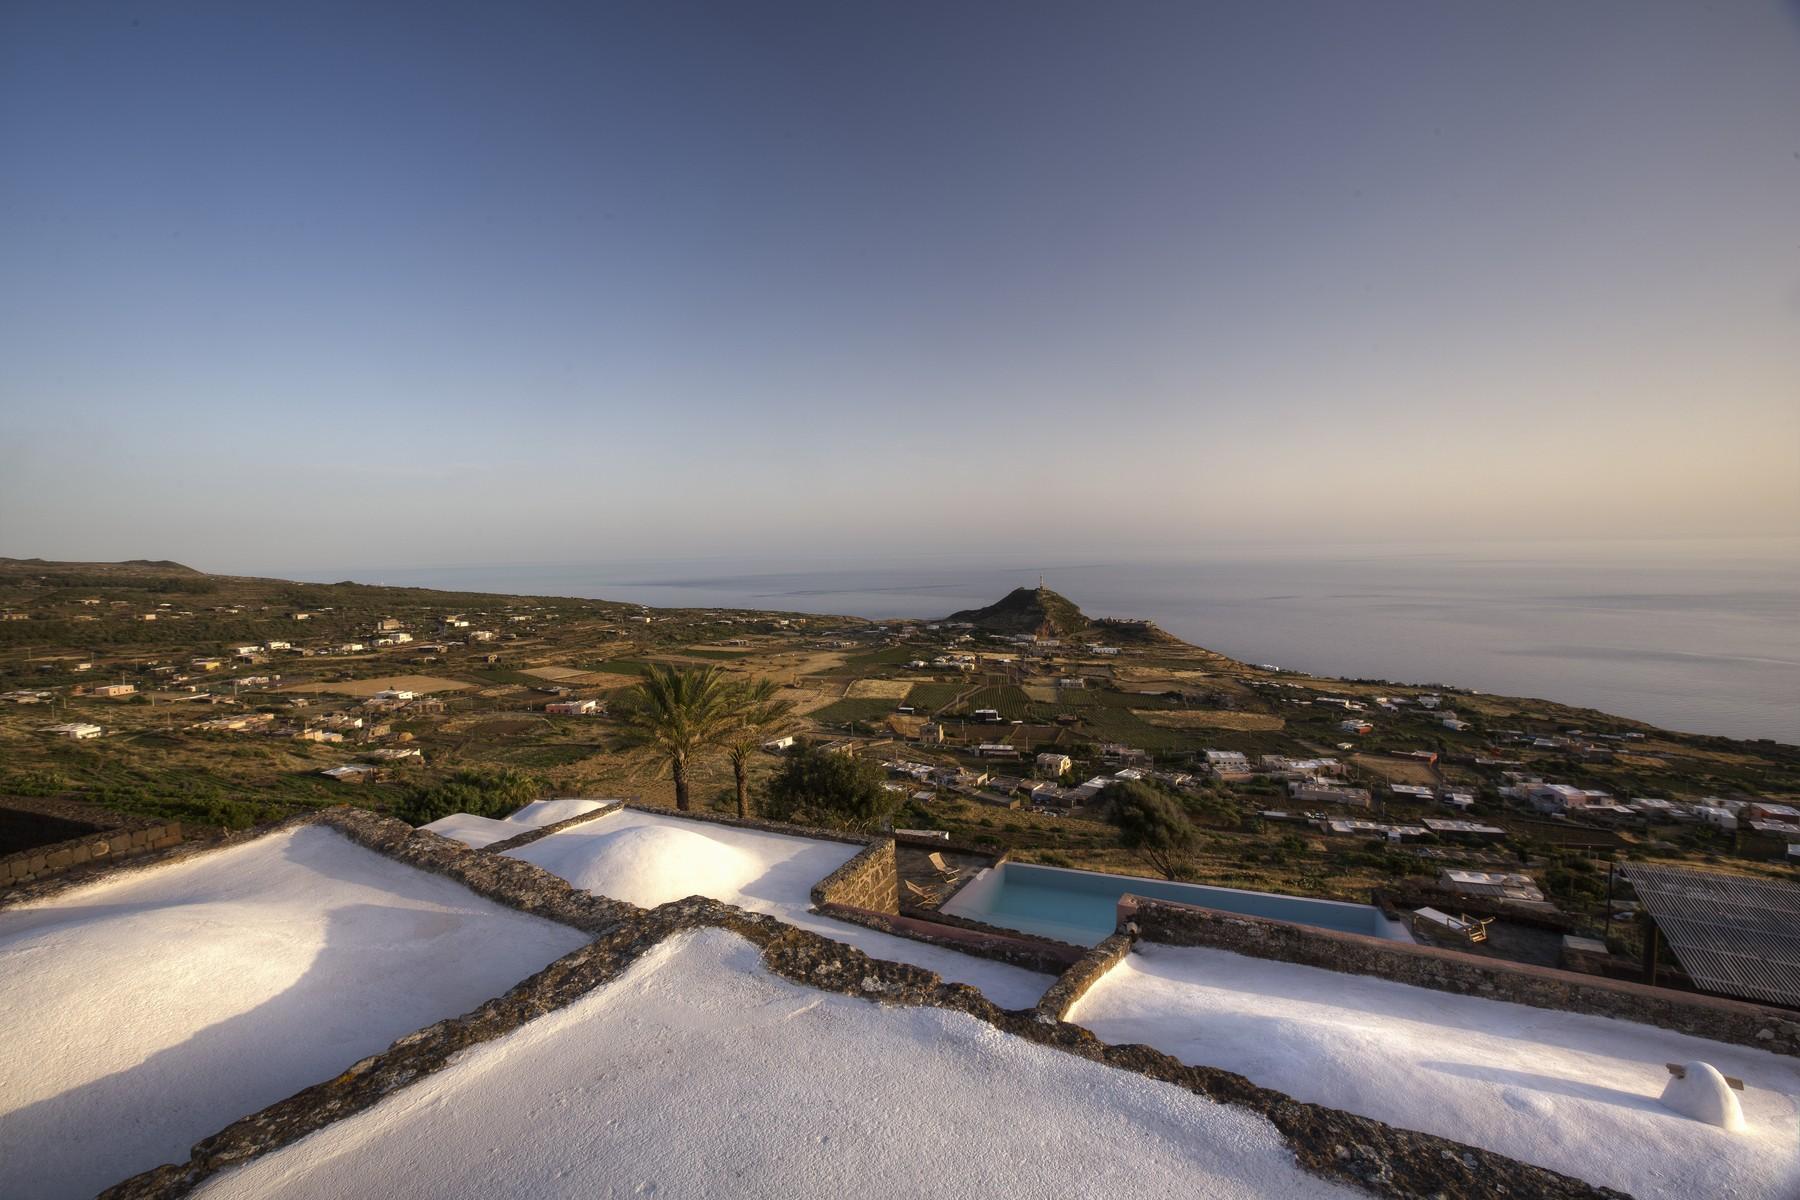 Un paradiso incontaminato nell'esclusiva isola di Pantelleria - 18